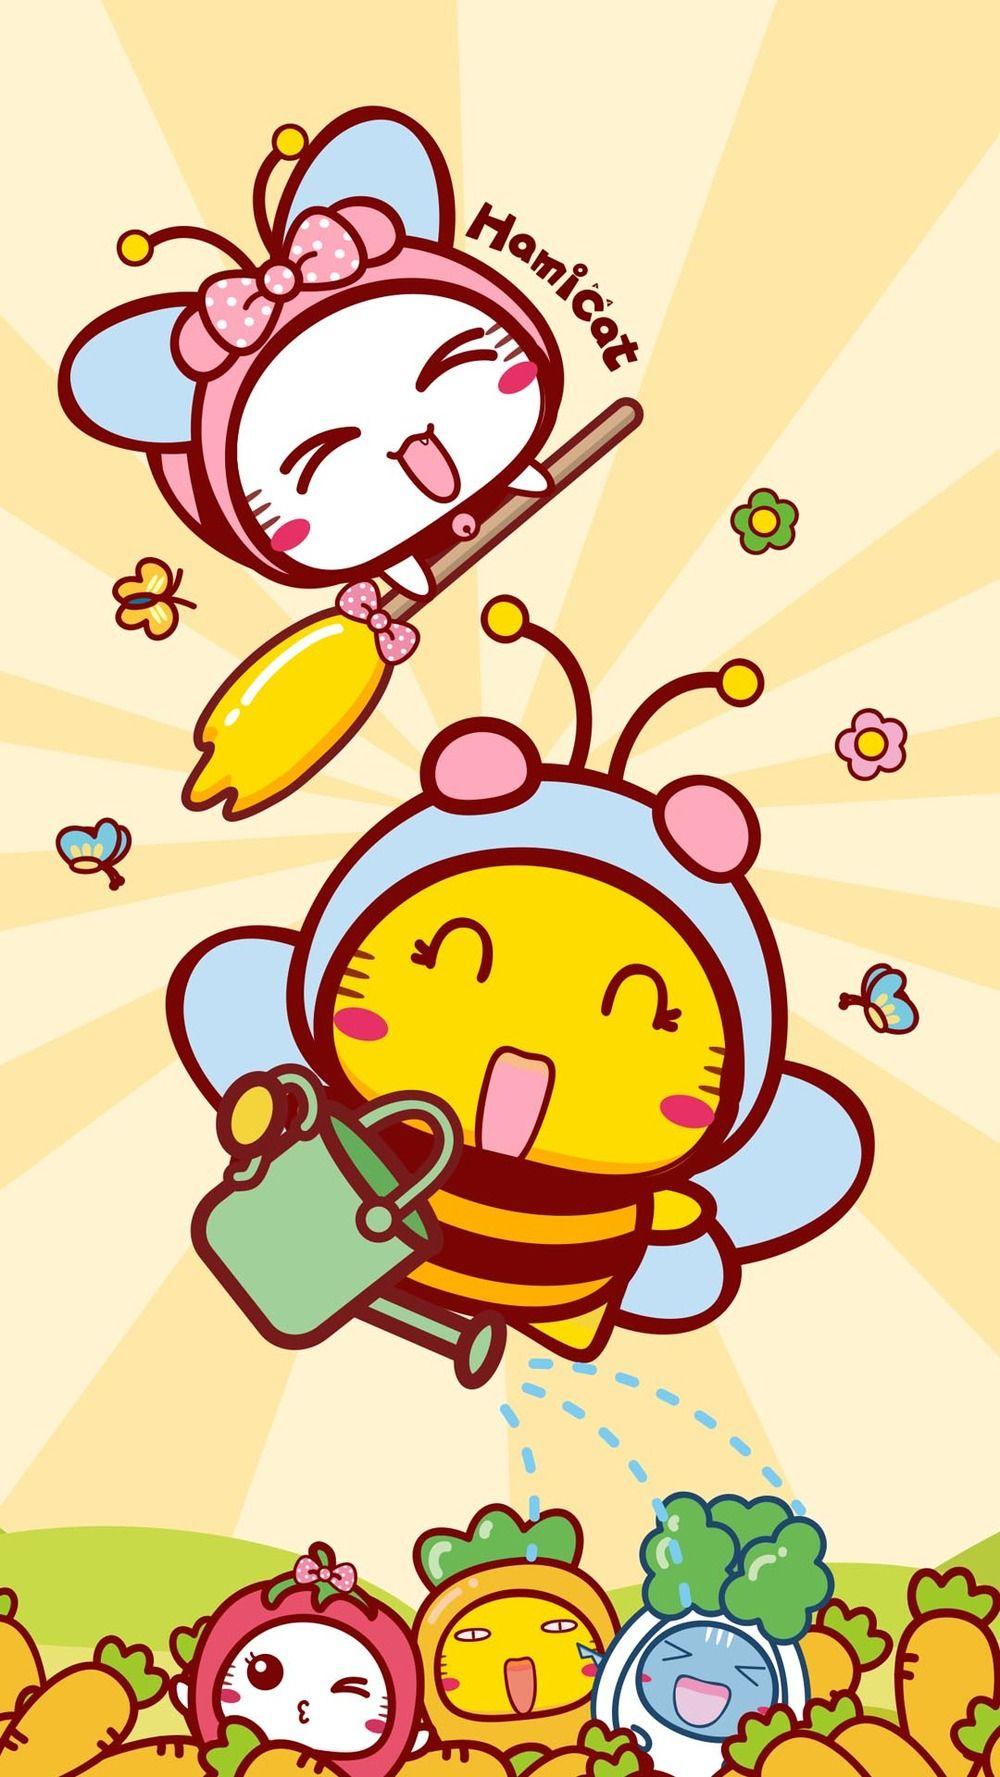 哈咪猫勤劳小蜜蜂.jpg